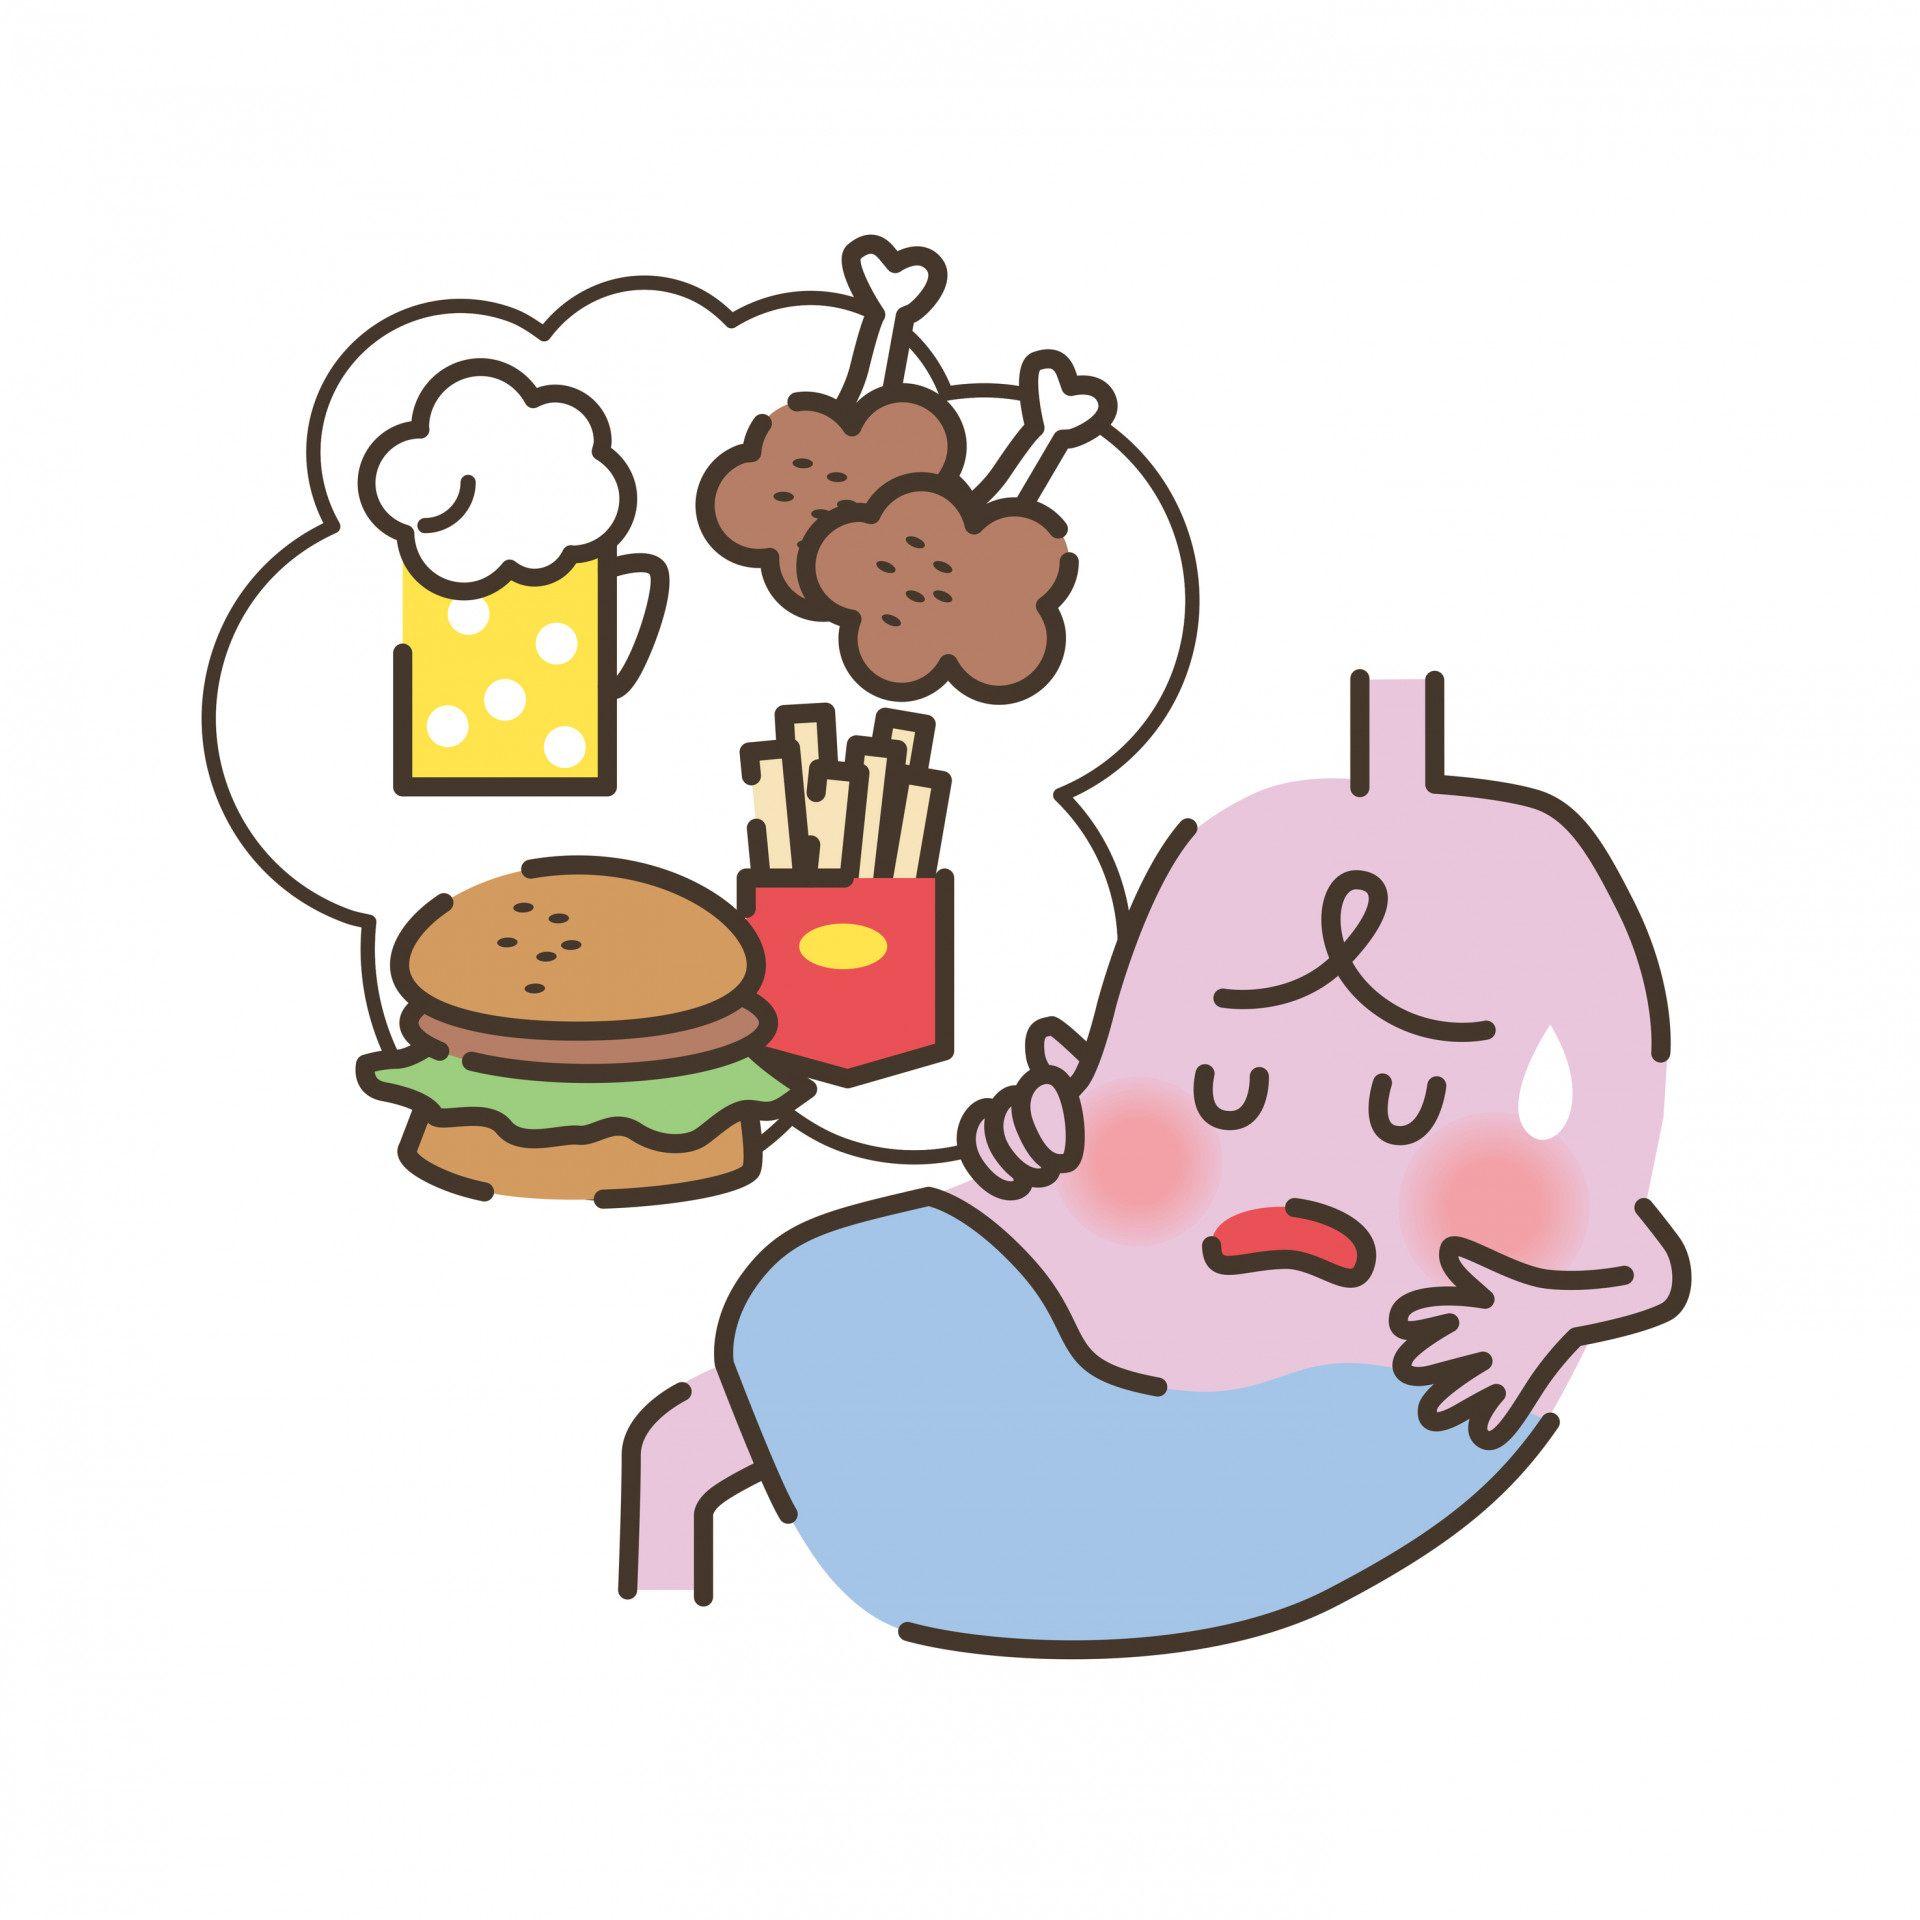 一吃下去油膩的東西胃就會不舒服